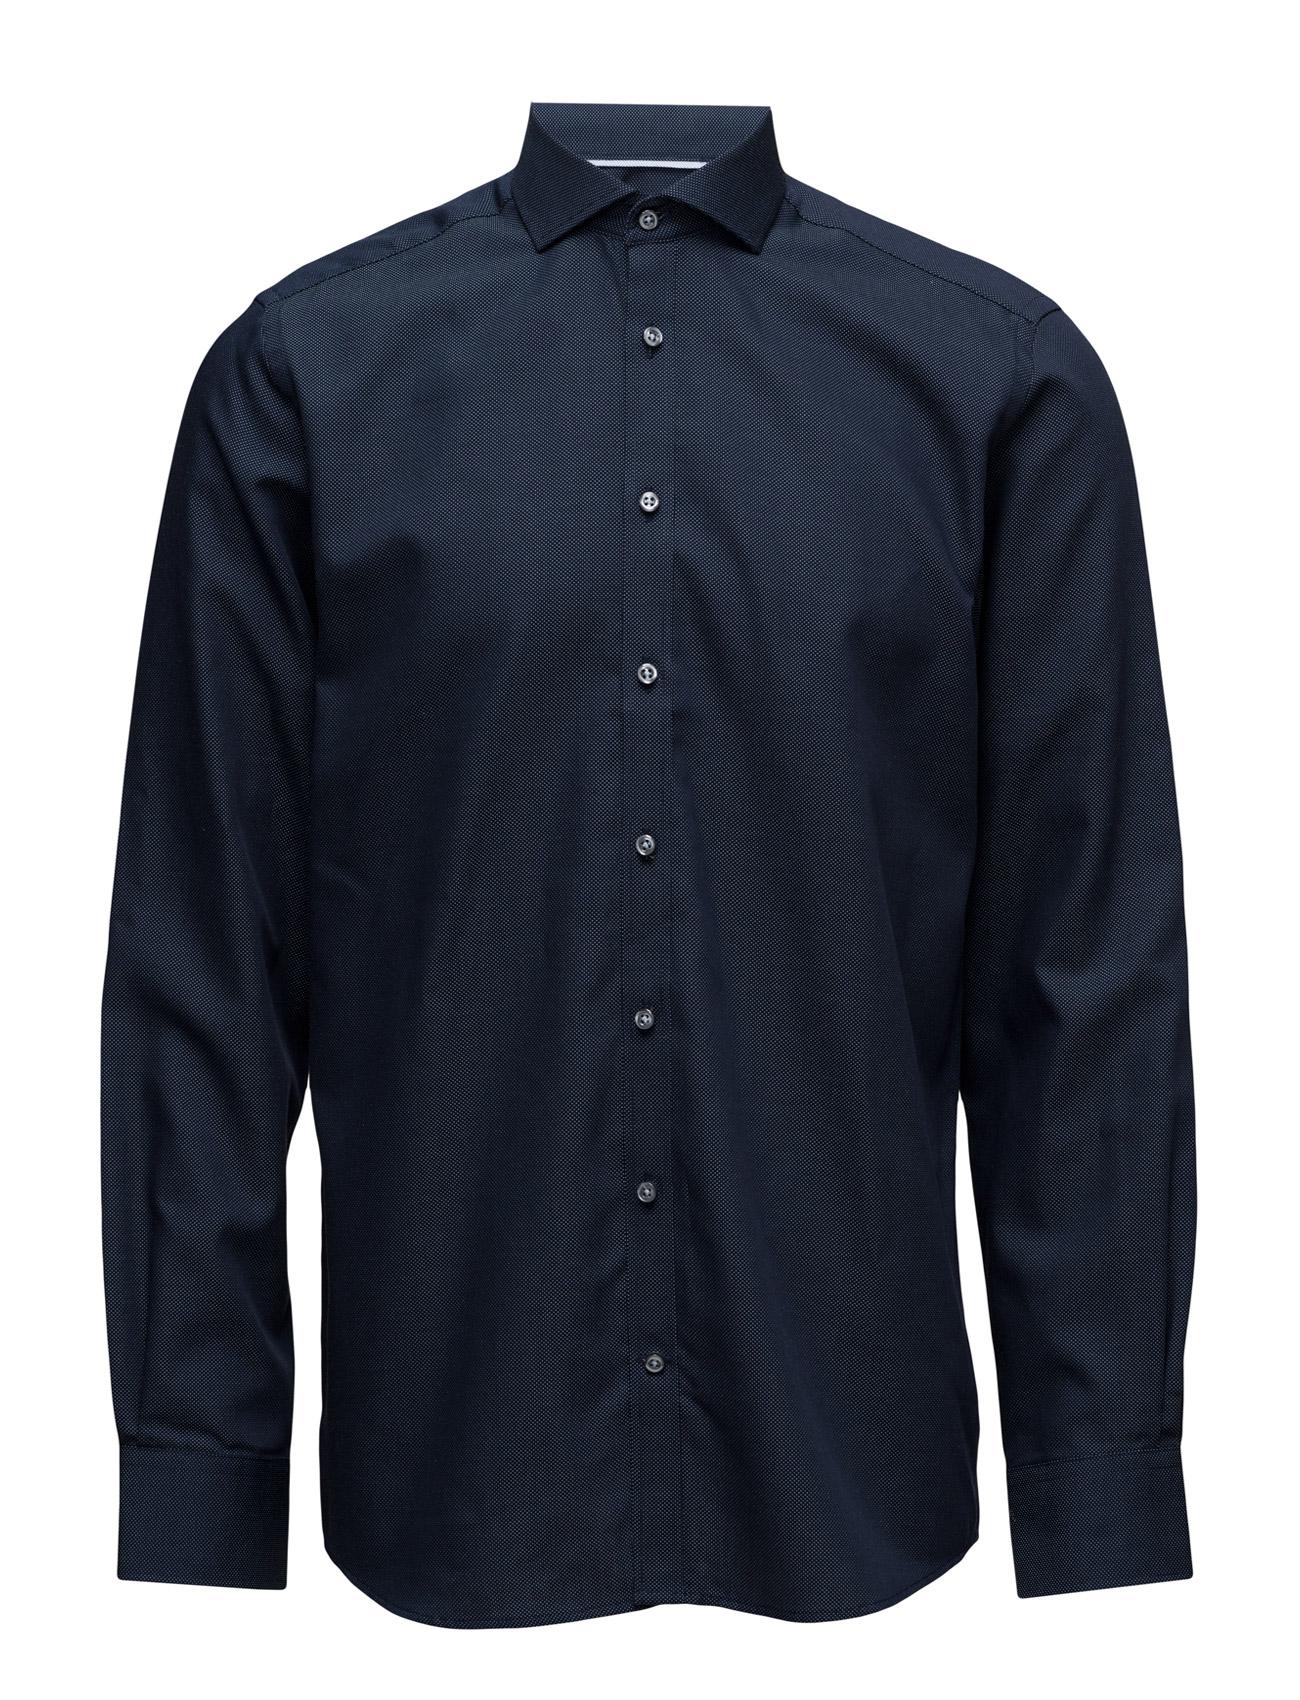 ed5dcc9d78f Logan, Shirt Modern (Navy Cutaway) (£69.95) - Bruun & Stengade ...